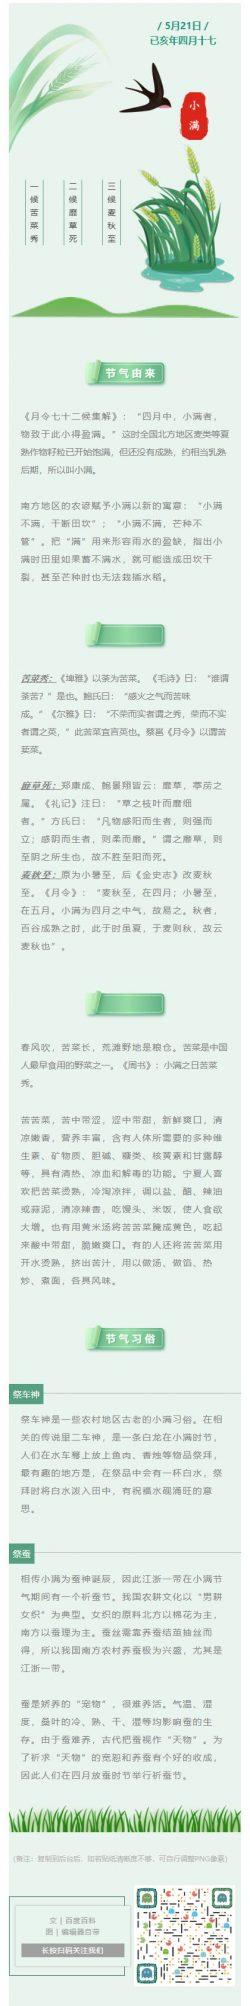 小满中国传统节日二十四节气绿色农田燕子微信公众号模板